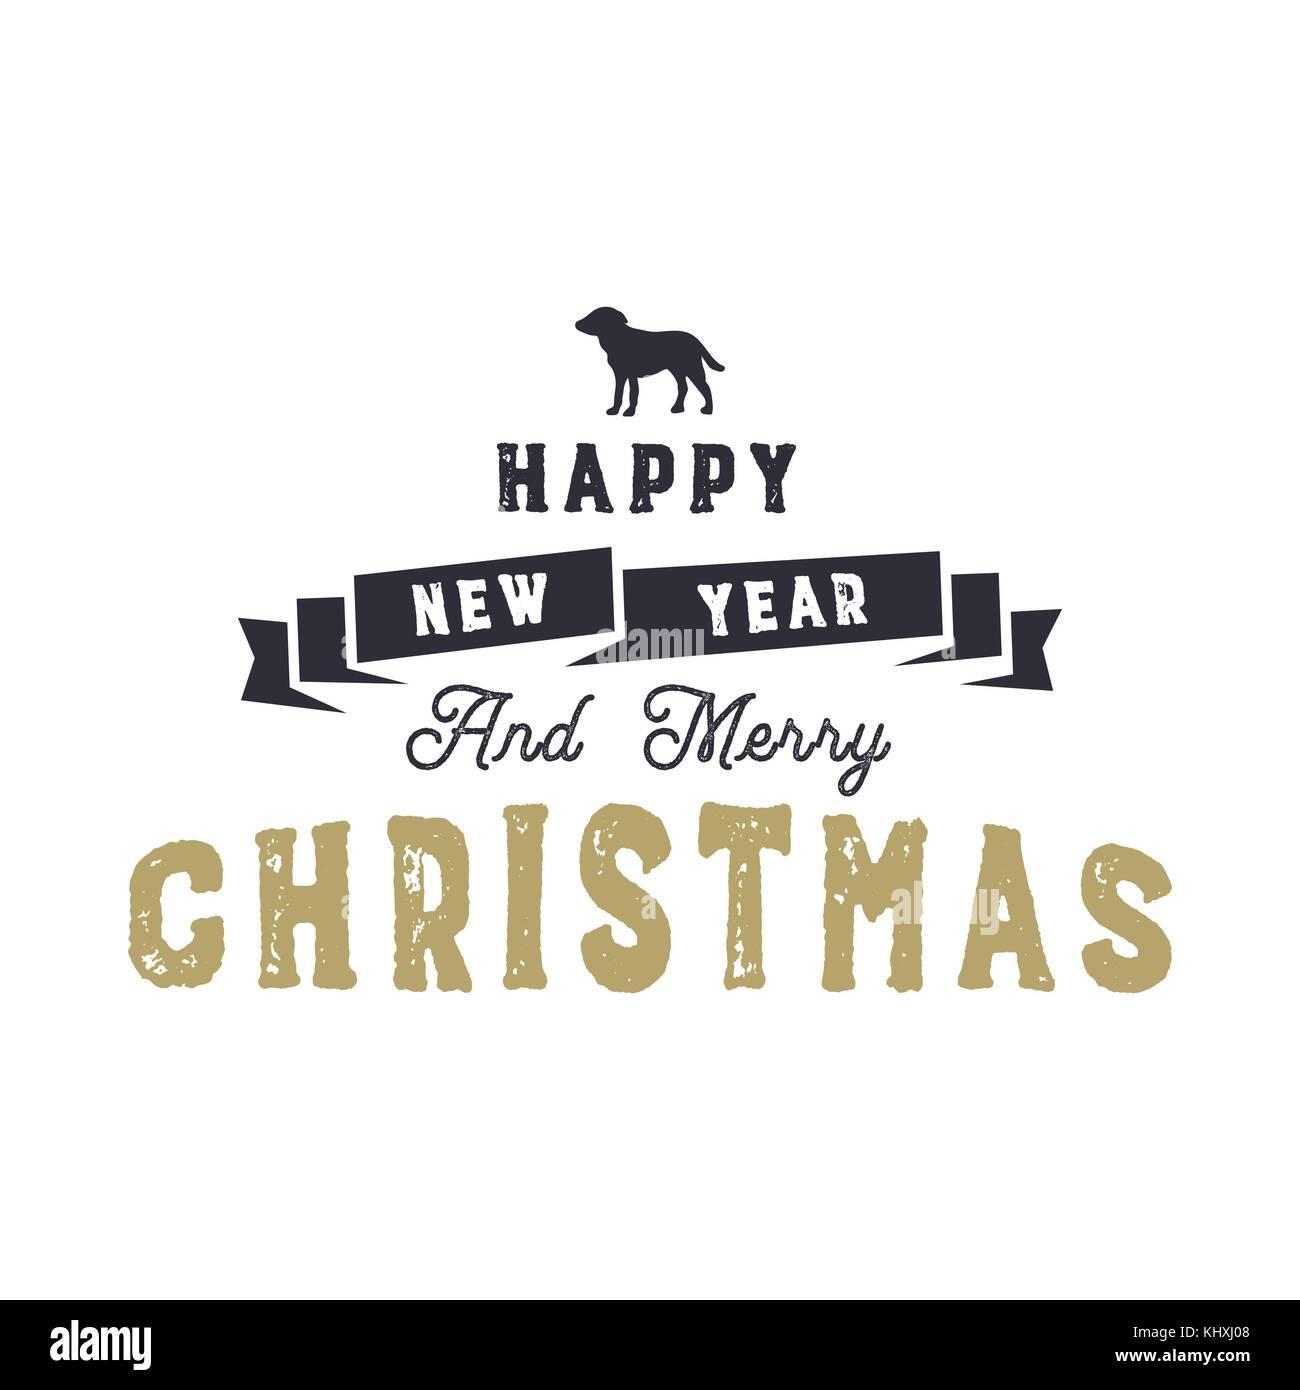 Weihnachten Typografie Zitat Design. Gutes Neues Jahr und Frohe ...